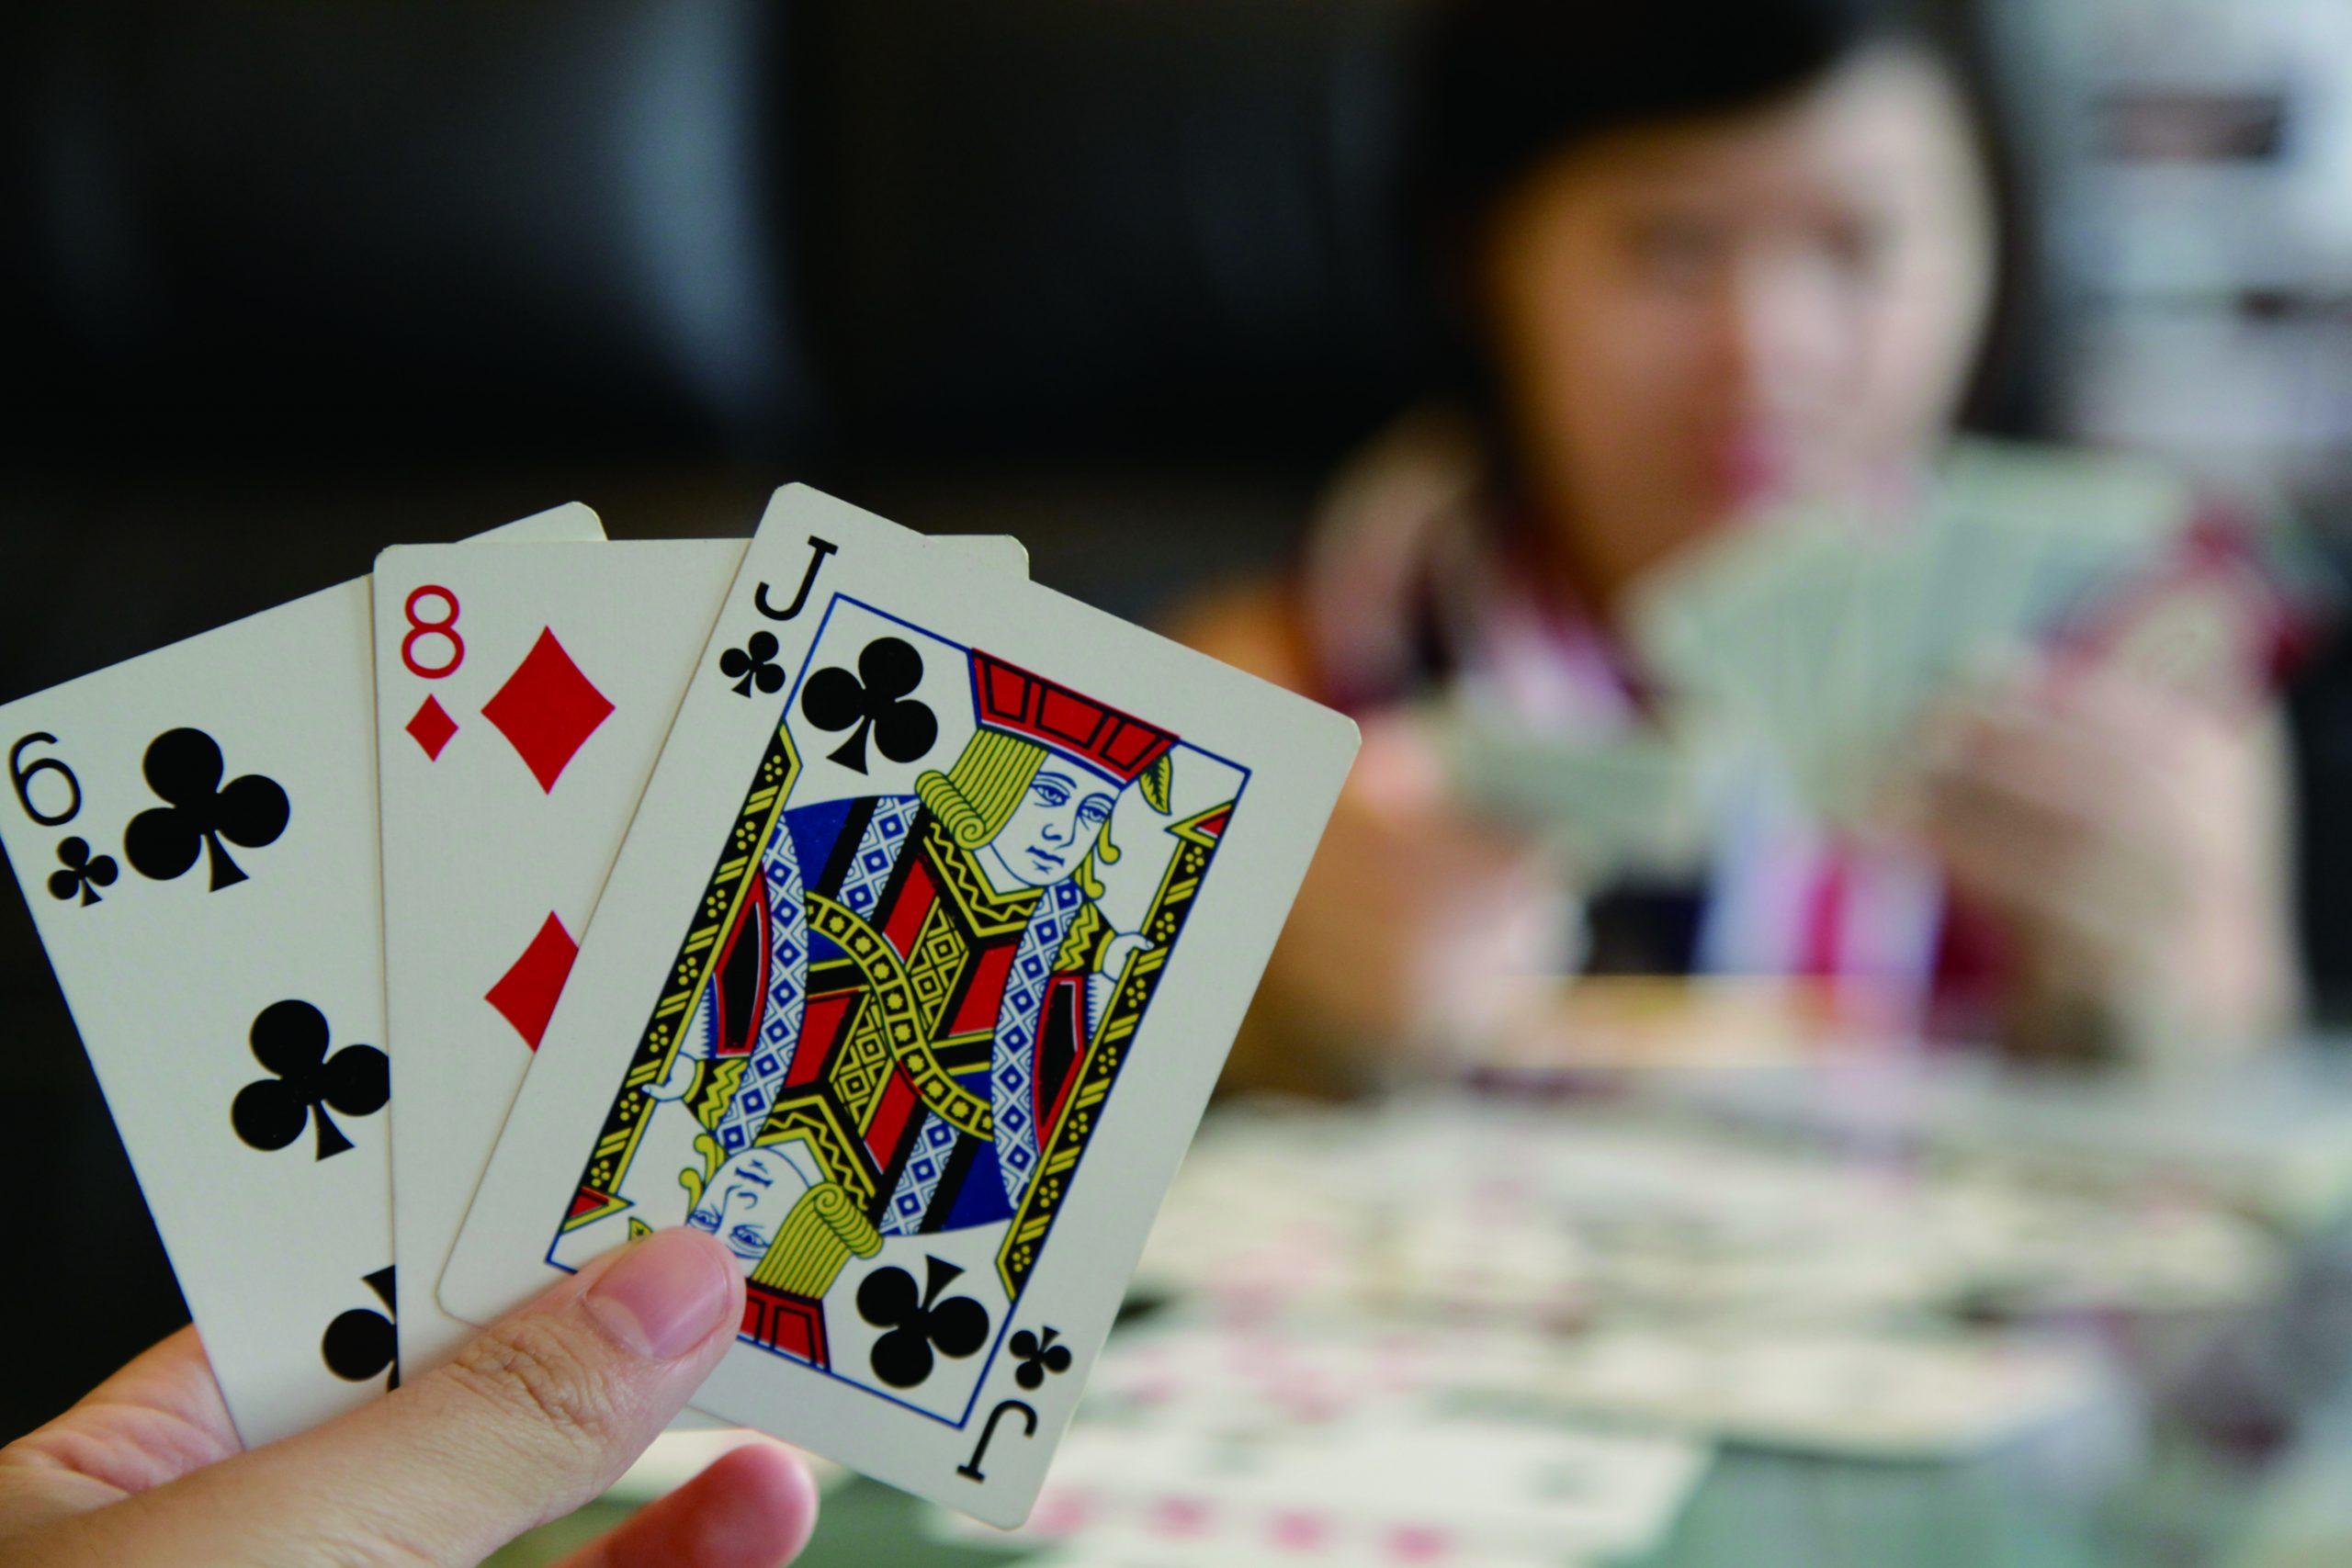 b spot gambling